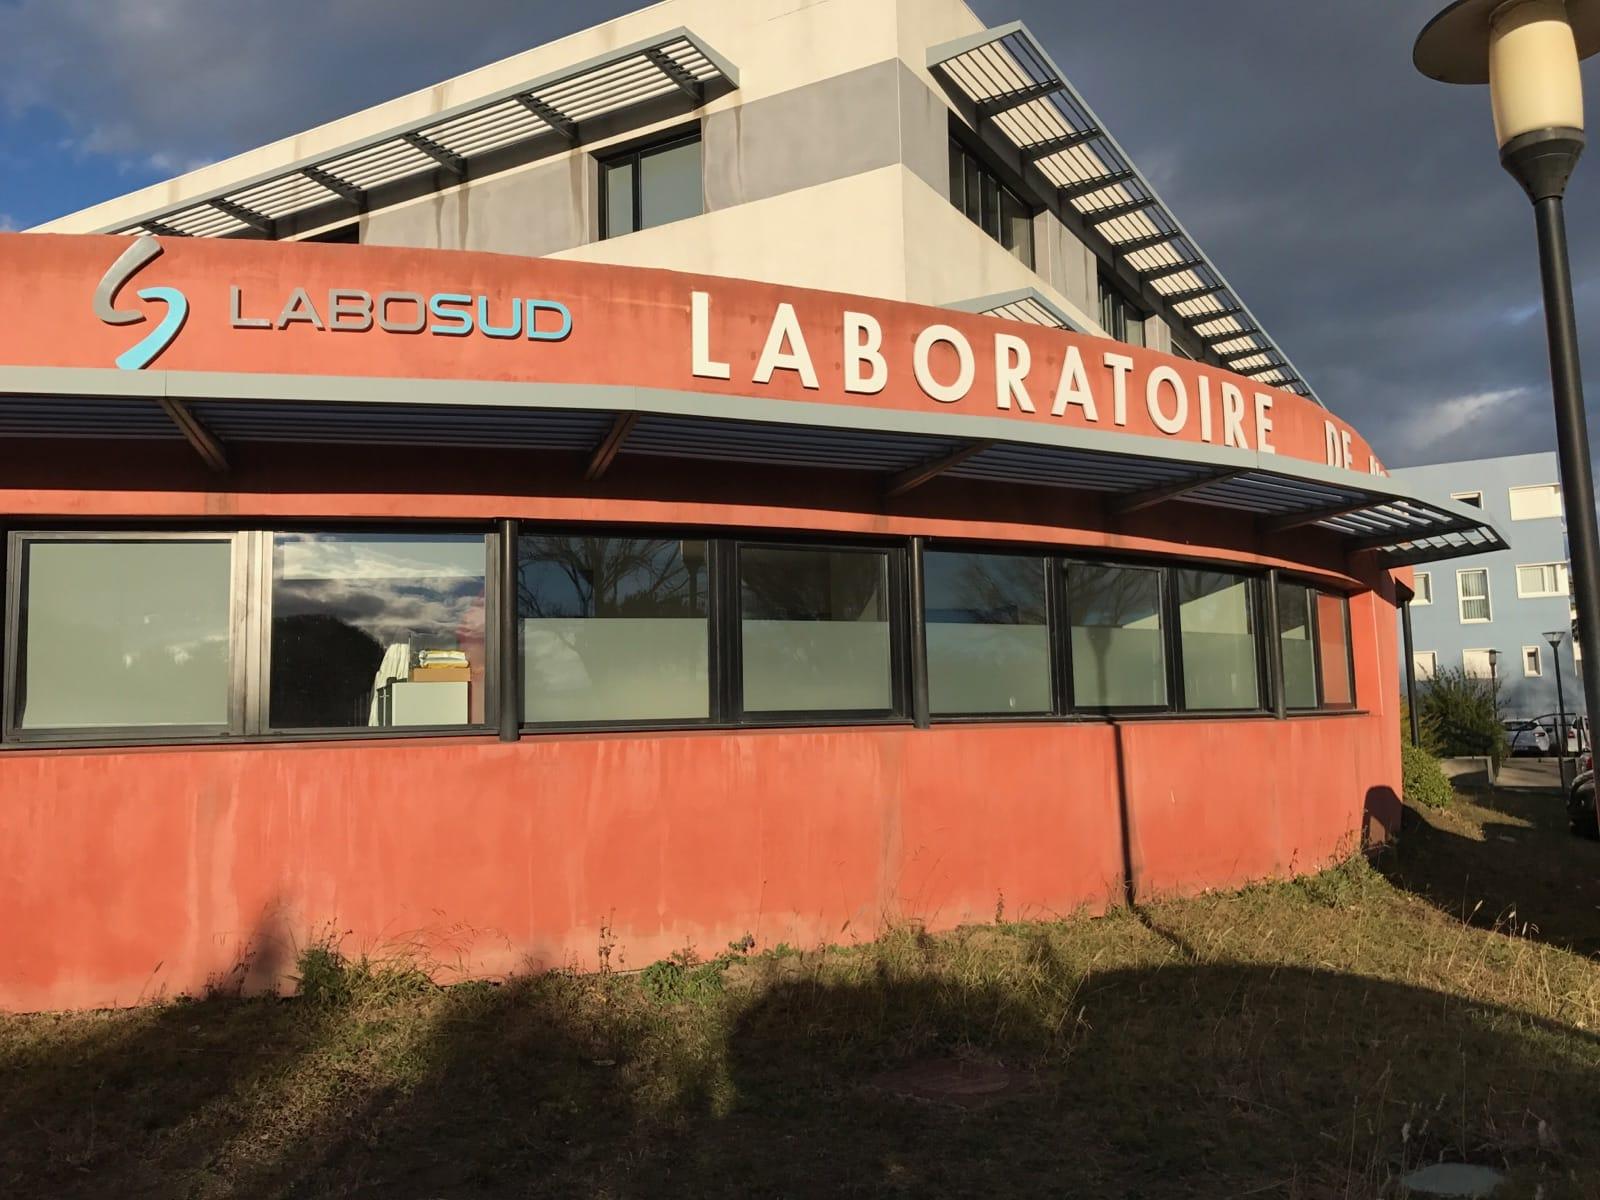 laboratoire-amp-fiv-insemination-nimes